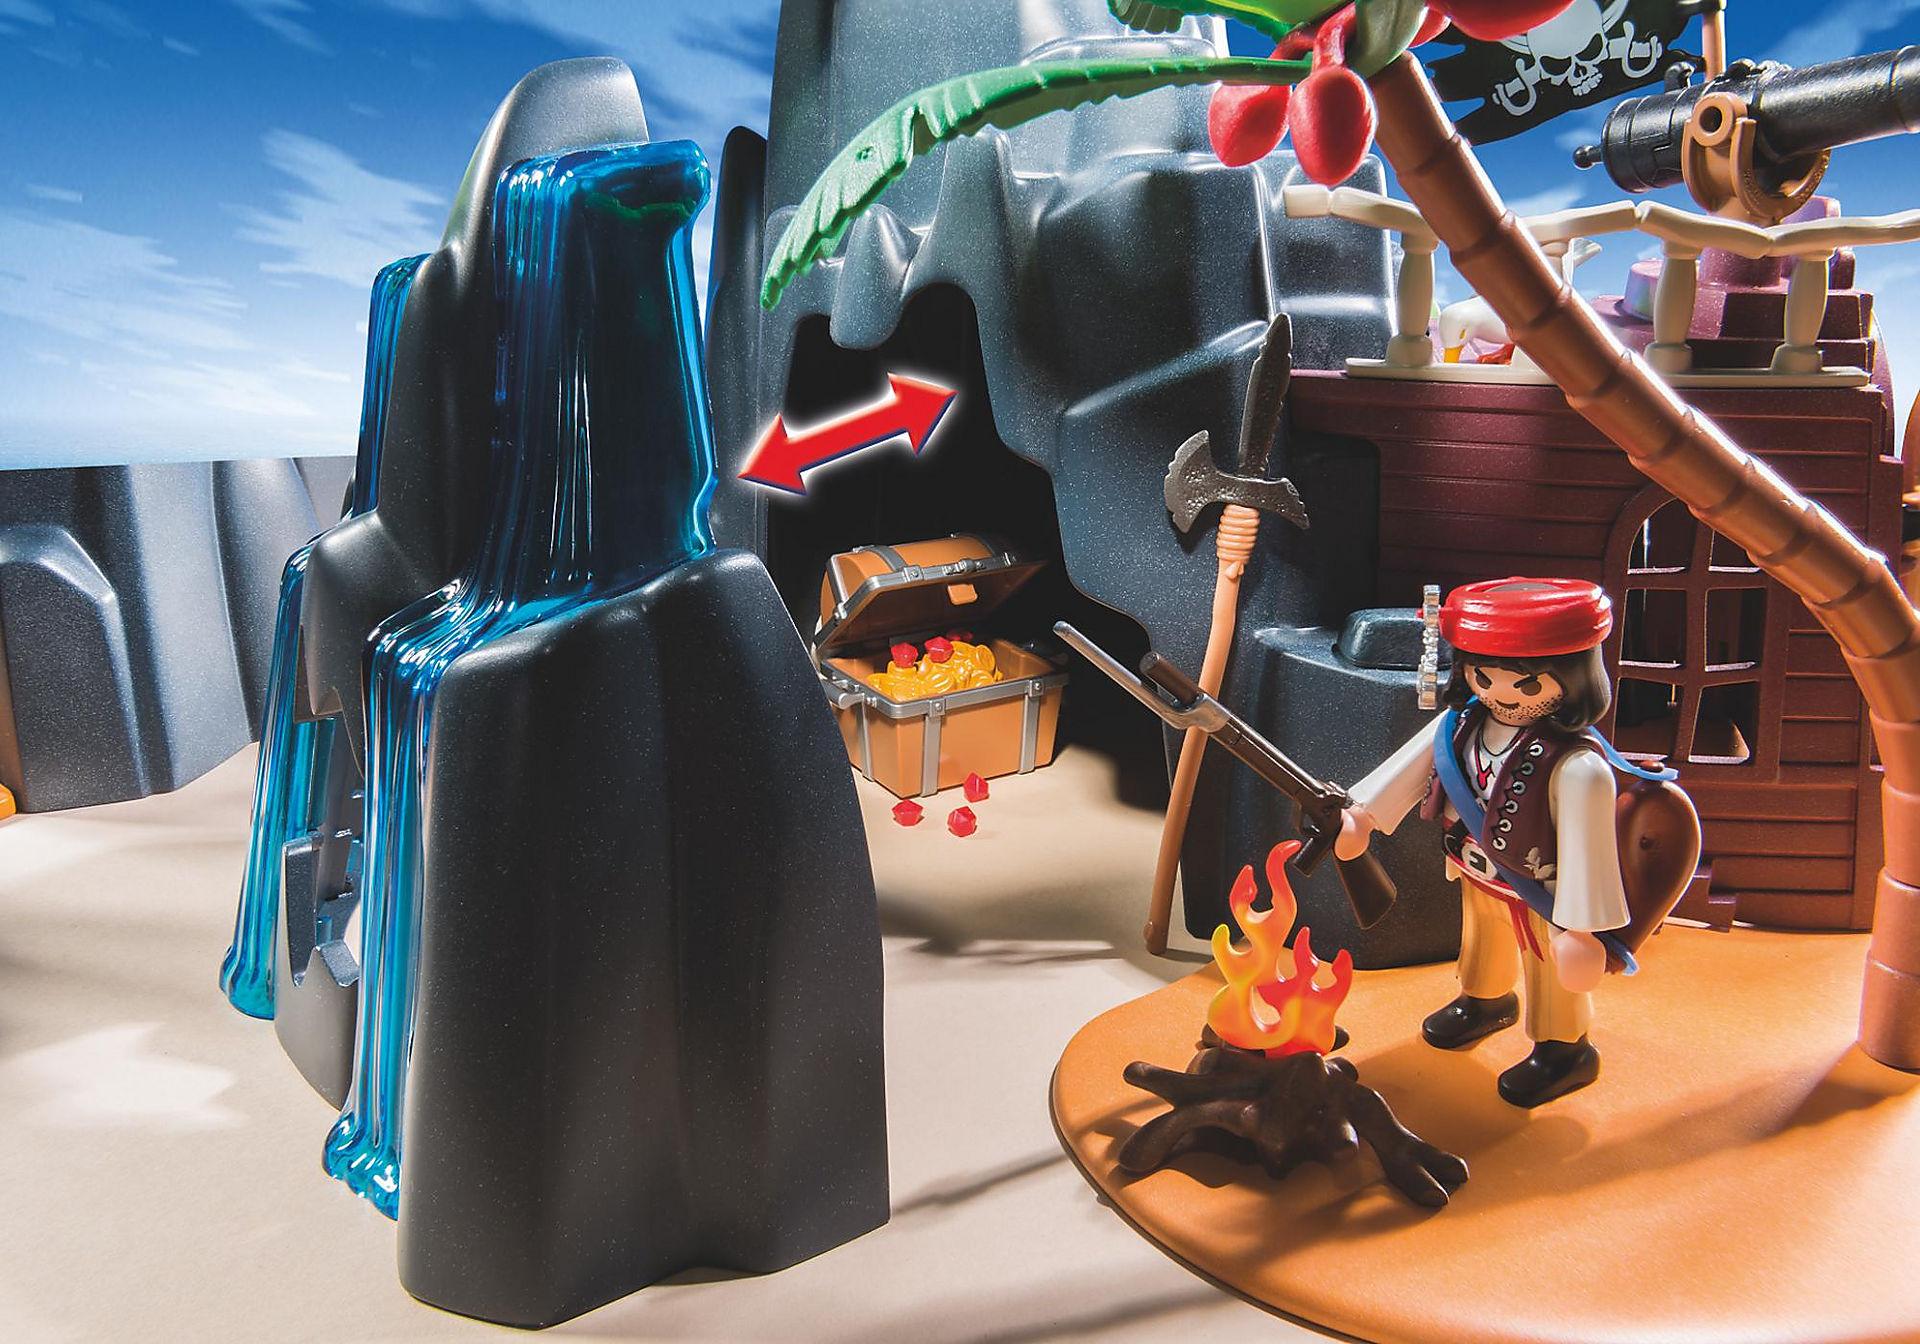 6679 Pirate Treasure Island zoom image5